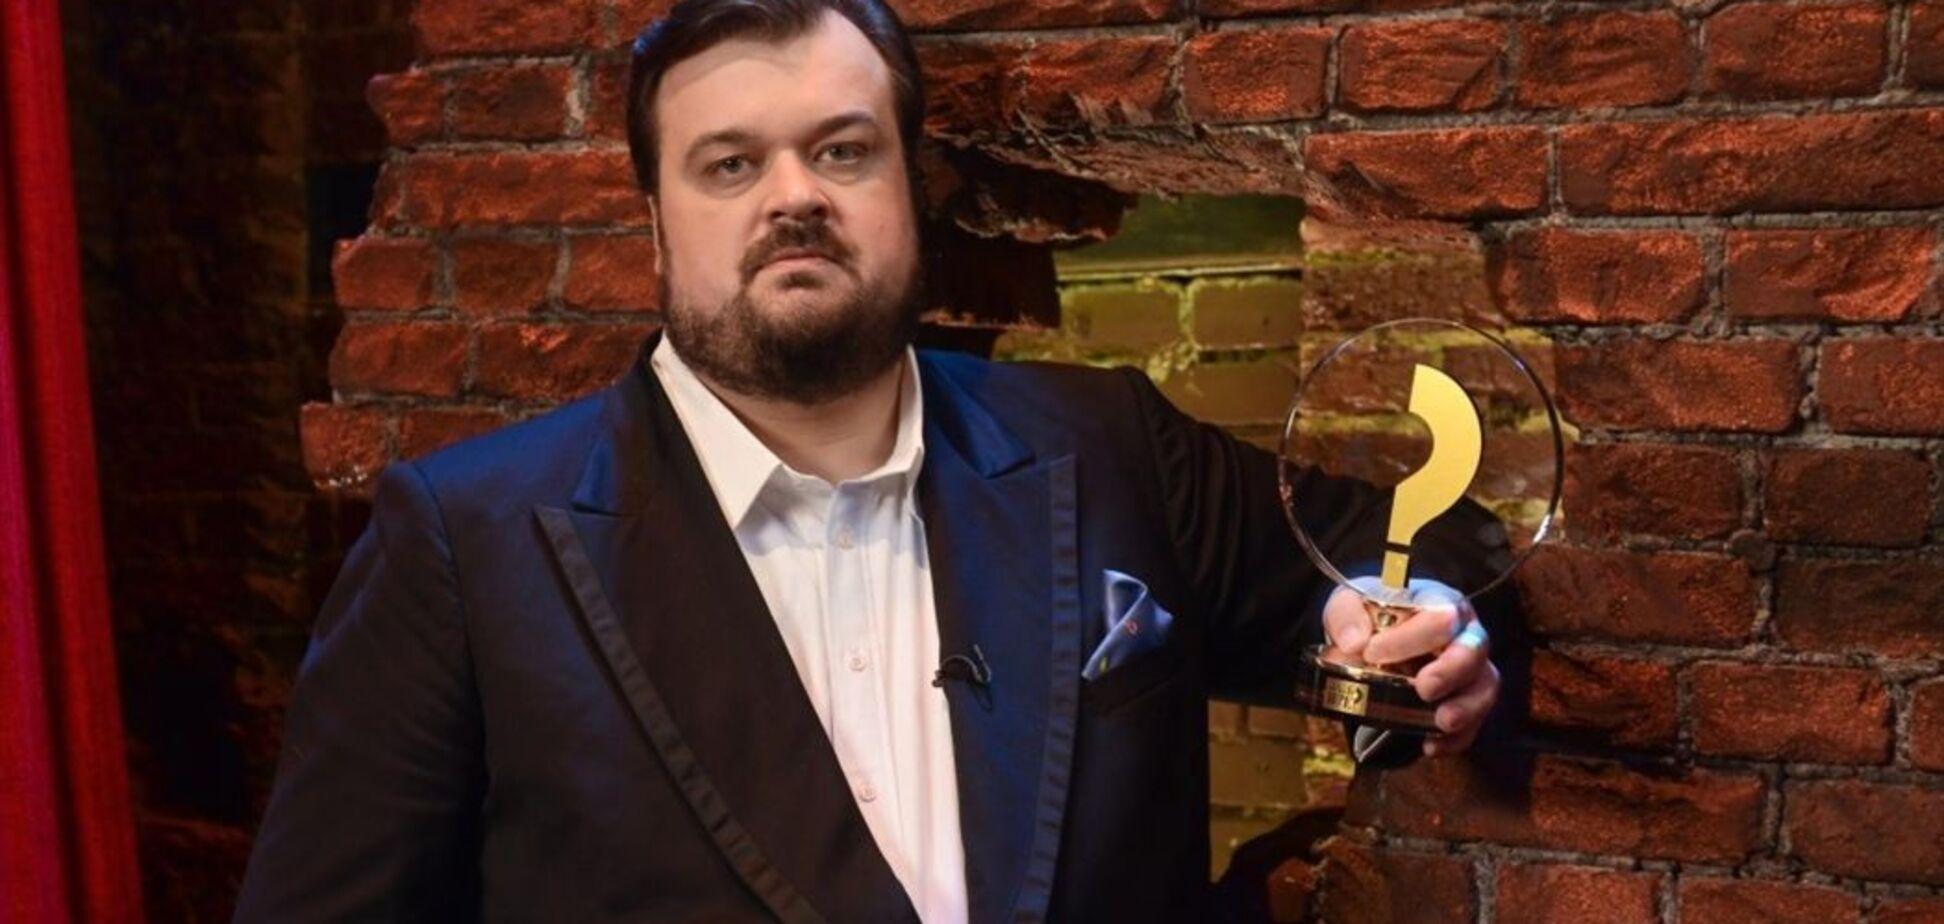 Коментатор, який образив Україну, звільнився з Першого каналу